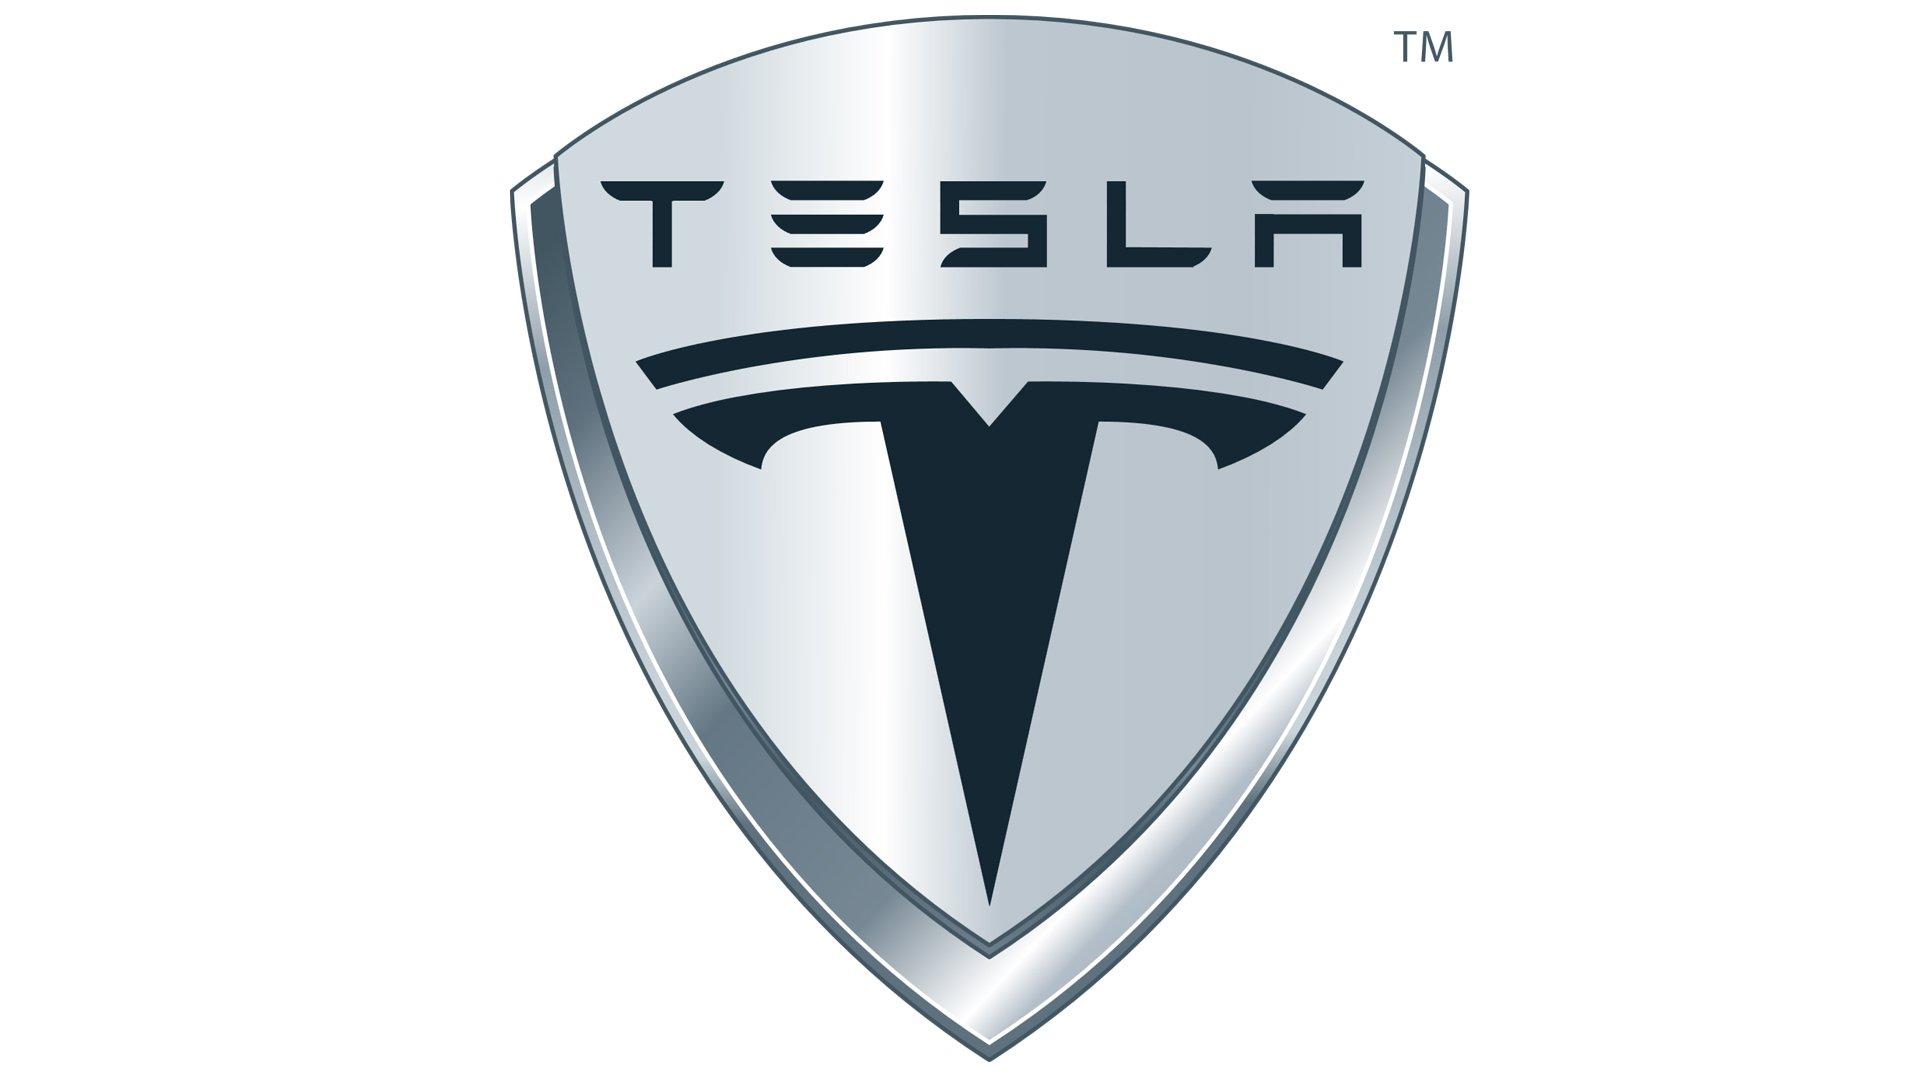 Tesla Logo, Tesla Symbol, Meaning, History and Evolution